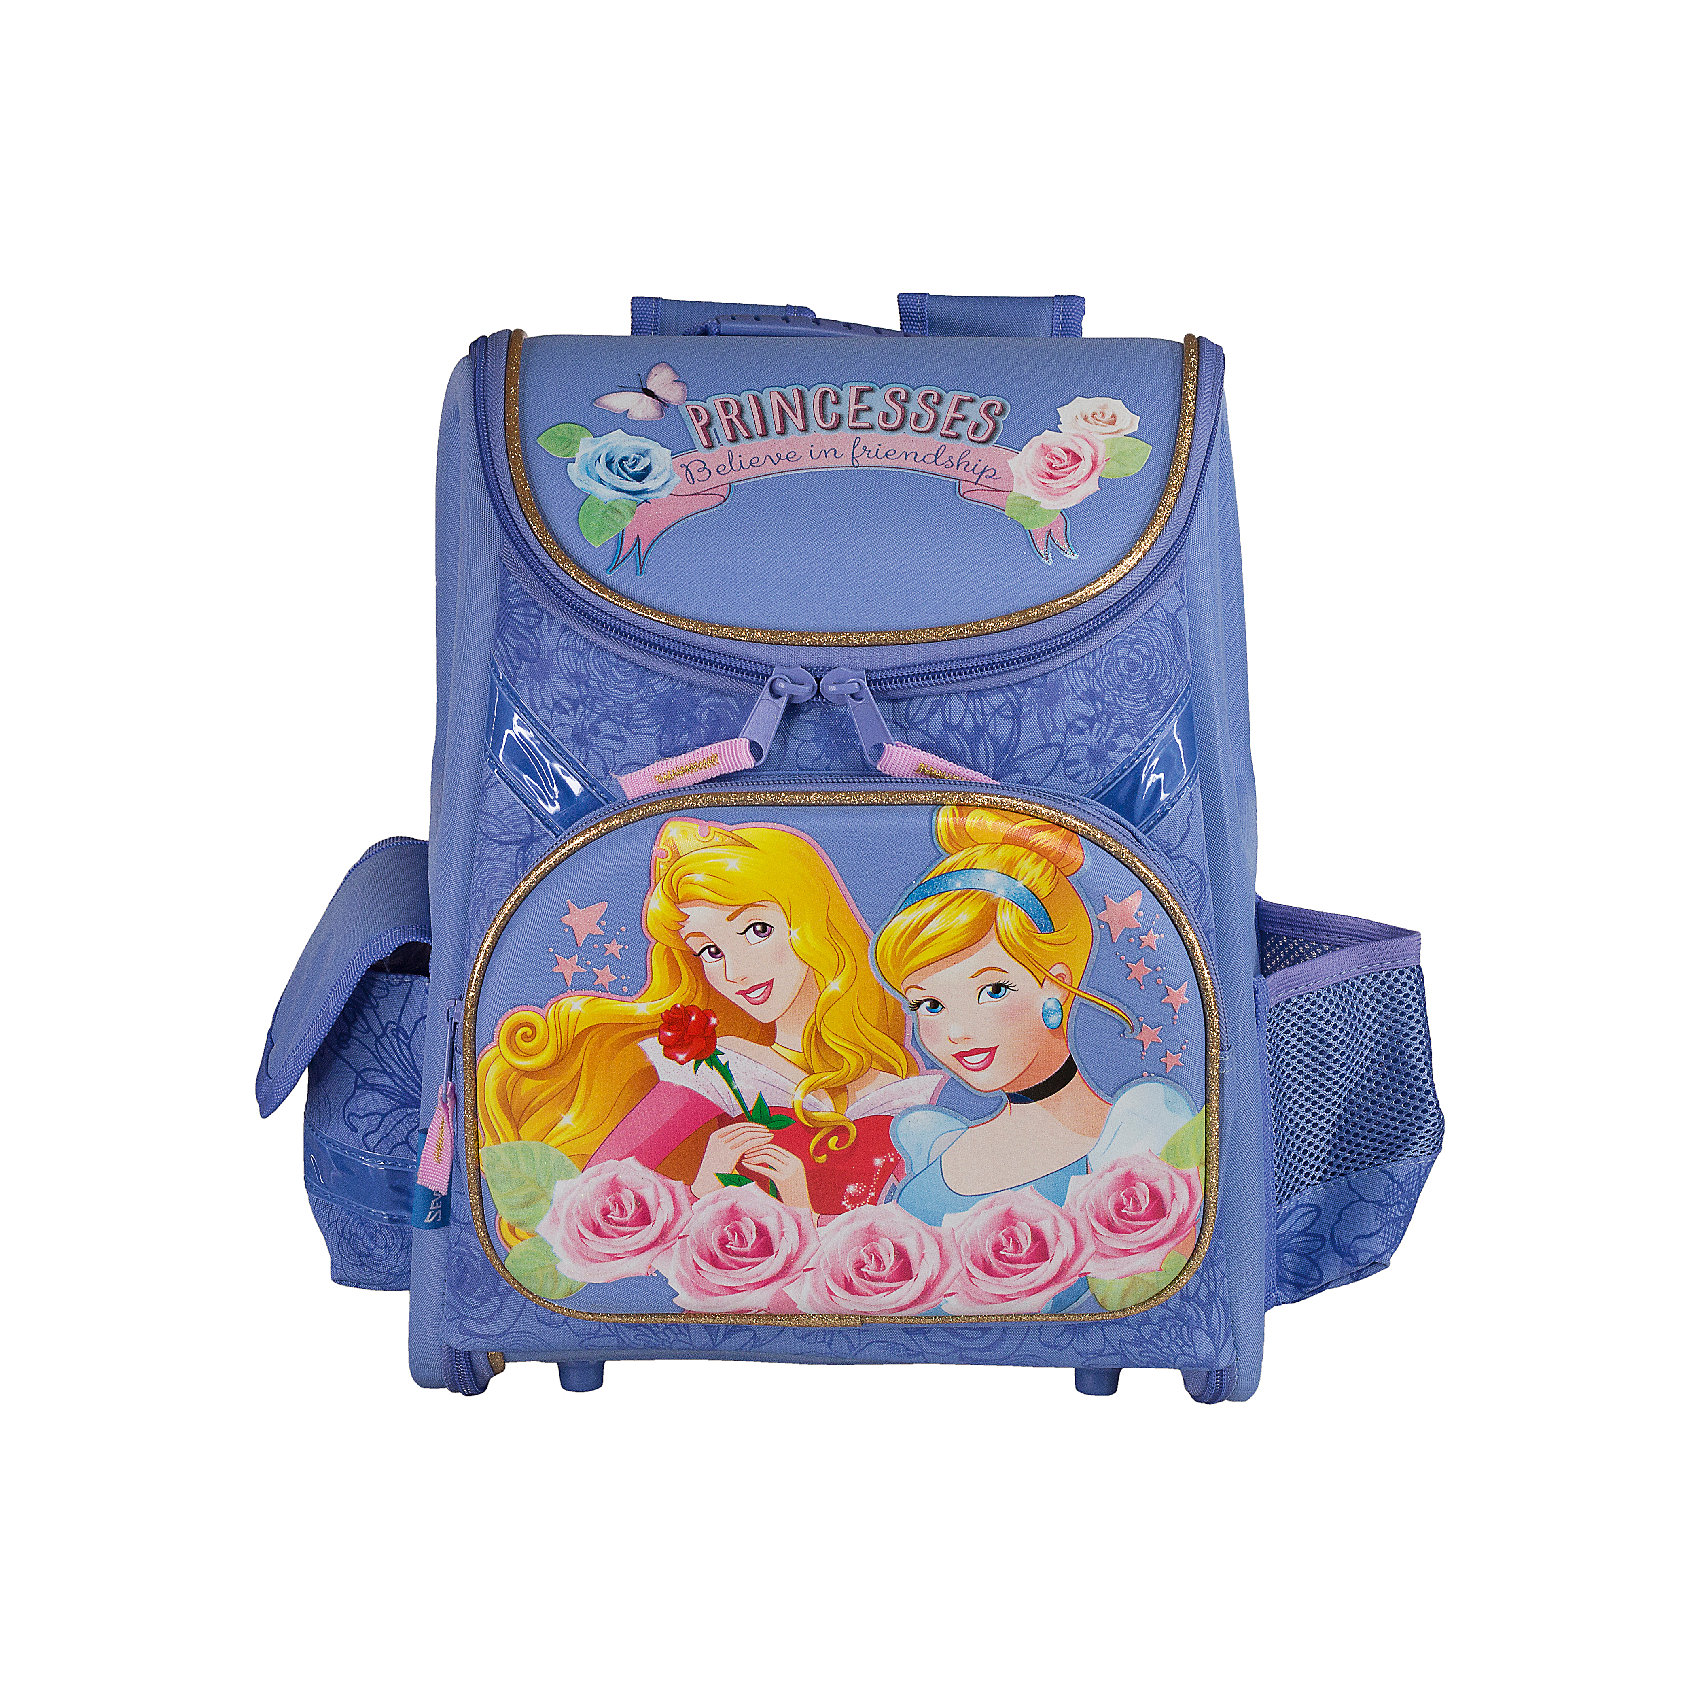 Школьный ранец с EVA-спинкой, Принцессы ДиснейРанец с EVA-спинкой, Принцессы Дисней - идеальный вариант для школьных занятий. Ранец выполнен из прочного полиэстера приятной сиреневой расцветки, имеет привлекательный для девочек дизайн и украшен изображениями волшебных принцесс из популярных диснеевских мультфильмов. Благодаря плотной эргономической спинке позвоночник ребенка не будет испытывать больших нагрузок во время эксплуатации ранца. Широкие лямки S-образной формы регулируются по длине и равномерно распределяют нагрузку на плечевой пояс. Также есть удобная текстильная ручка с резиновой накладкой, за которую можно нести ранец. Жесткое устойчивое дно с пластиковыми ножками защитит содержимое от промокания.<br><br>Ранец закрывается на застежку-молнию с двумя бегунками, полностью раскладывается. Внутри одно большое отделение с двумя разделителями для тетрадей и книг и утягивающей резинкой, подходит для размещения предметов без сложения, размером до А4 формата включительно. На лицевой стороне расположен большой накладной карман на молнии, а также два маленьких кармана по бокам - один на липучке, второй открытый сетчатый. Светоотражающие элементы обеспечивают безопасность в темное время суток.<br><br>Дополнительная информация:<br><br>- Материал: полиэстер, текстиль, пластик. <br>- Размер ранца: 35 х 31 х 14 см.<br>- Размер упаковки: 36 х 32 х 17 см. <br>- Вес: 0,833 кг.<br><br>Ранец с EVA-спинкой, Принцессы Дисней, можно купить в нашем интернет-магазине.<br><br>Ширина мм: 140<br>Глубина мм: 310<br>Высота мм: 350<br>Вес г: 833<br>Возраст от месяцев: 48<br>Возраст до месяцев: 84<br>Пол: Женский<br>Возраст: Детский<br>SKU: 4489578